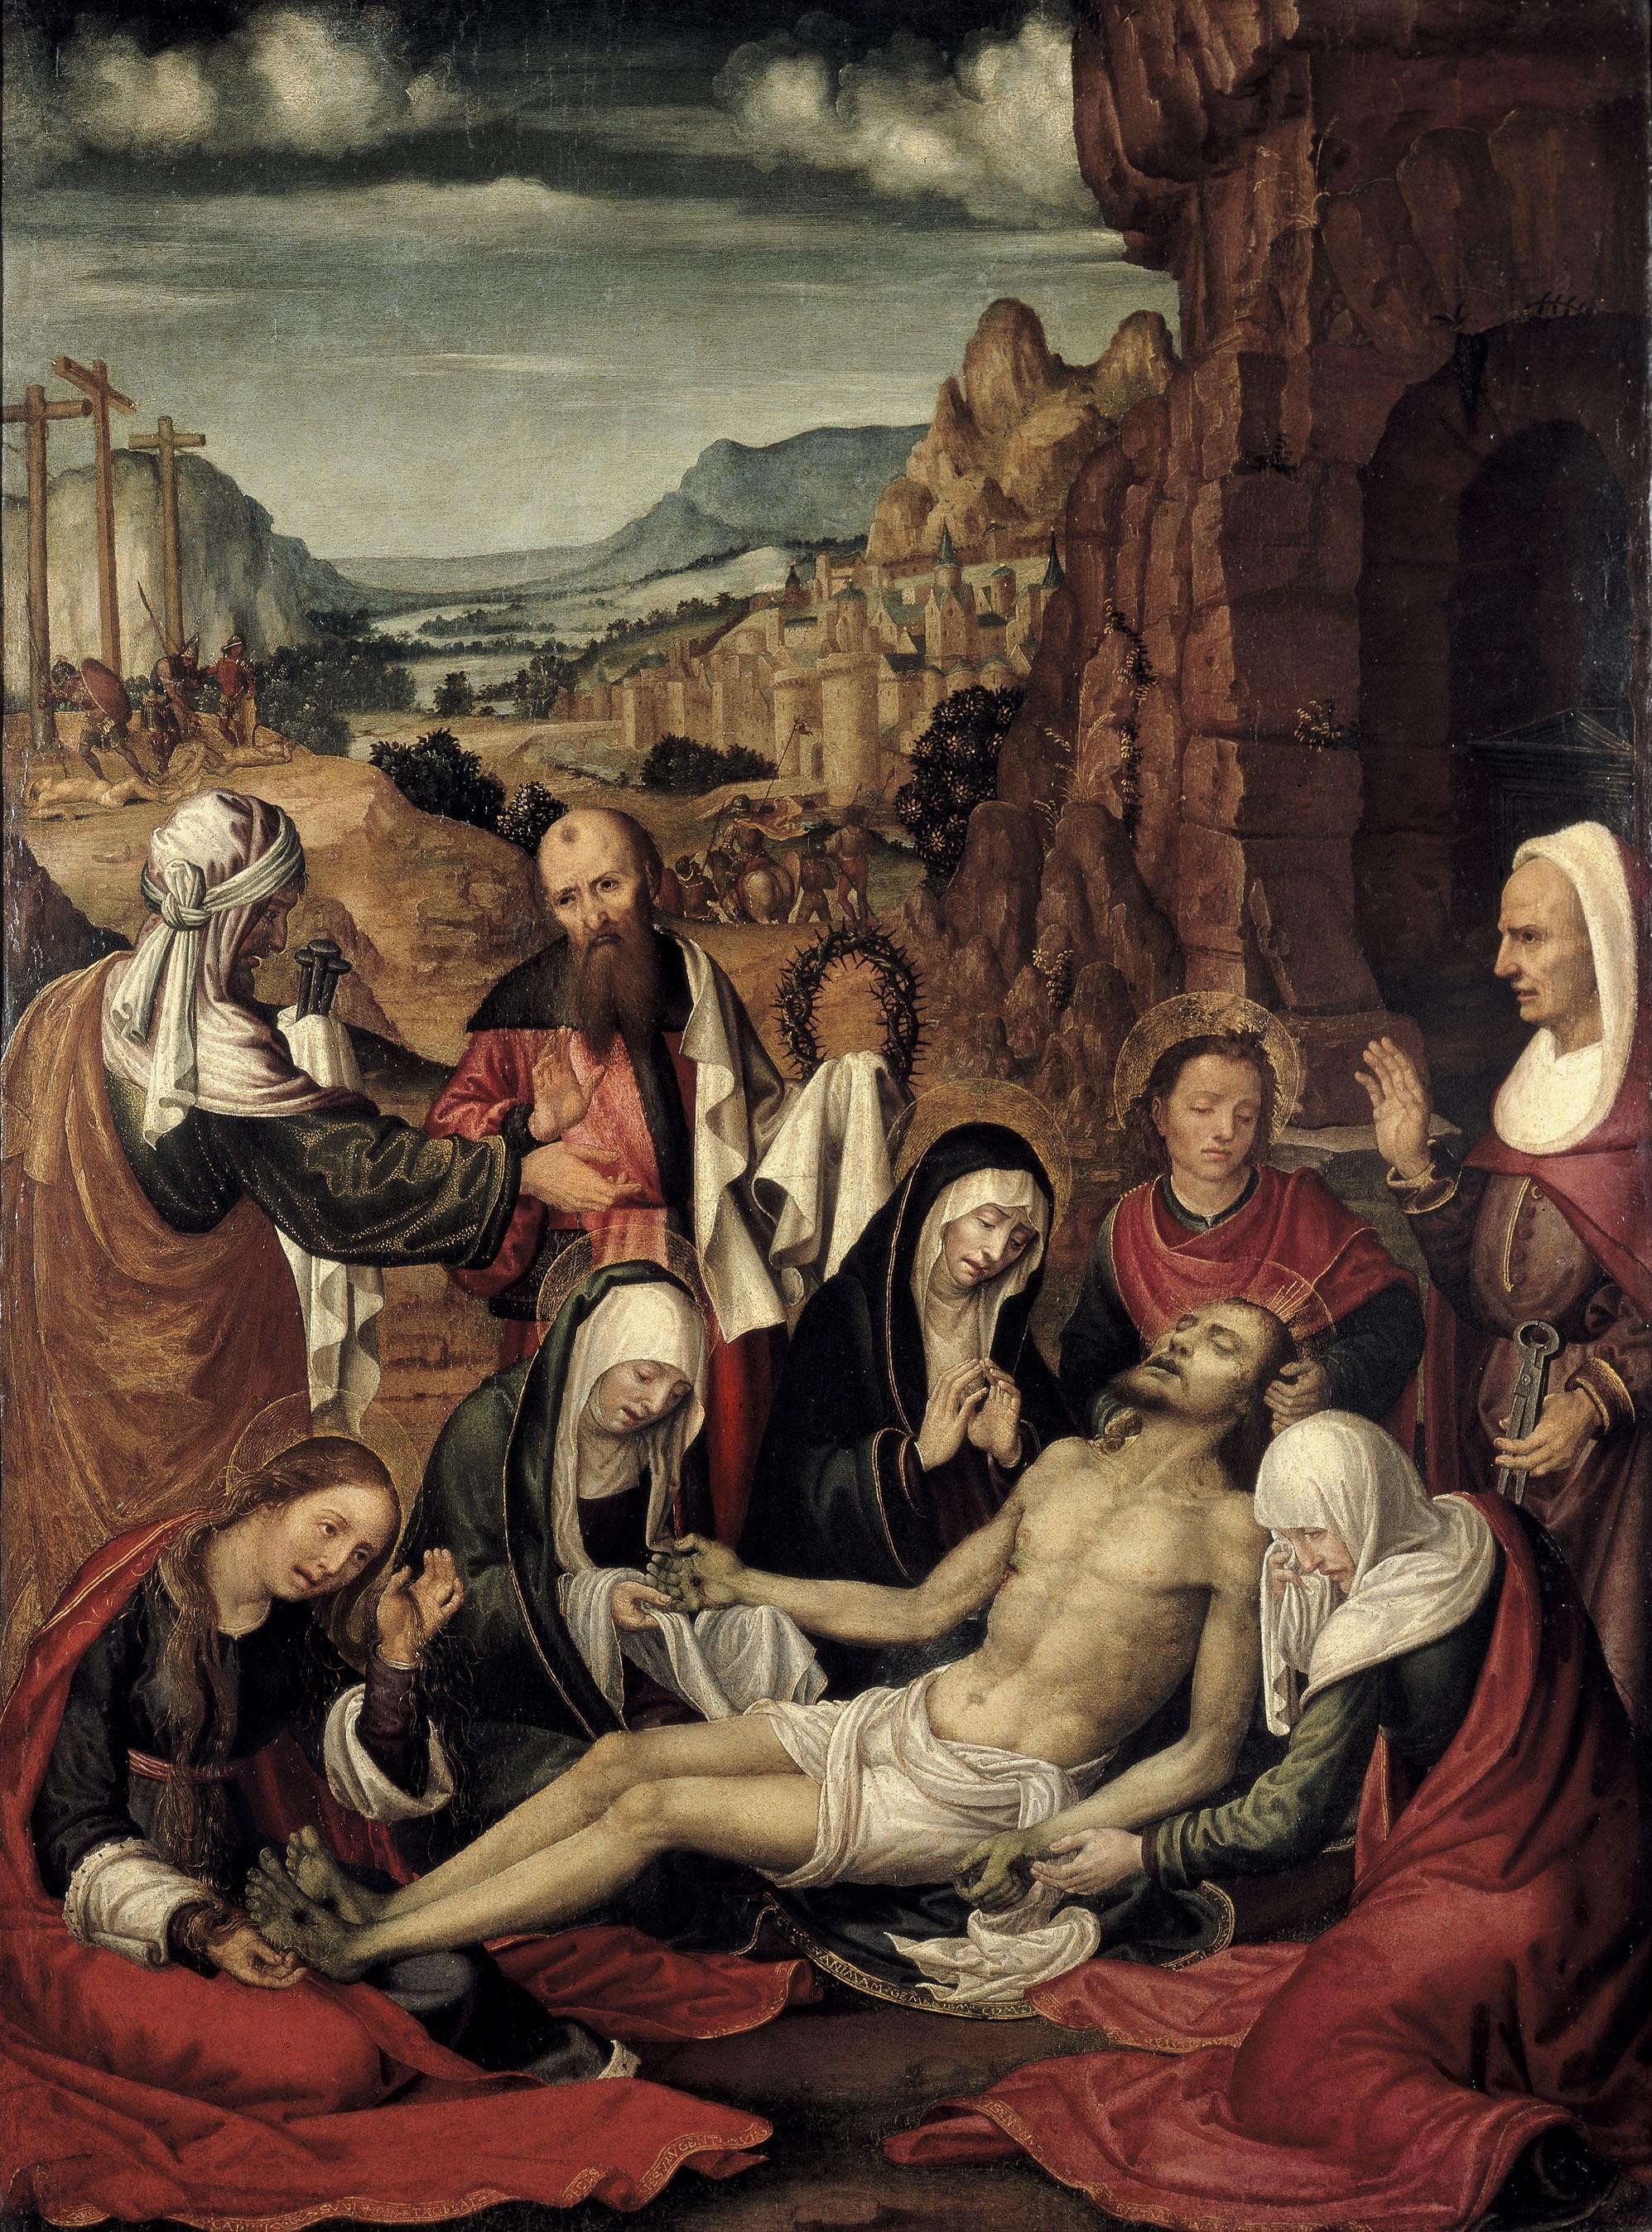 Paolo da San Leocadio - Plany sobre Crist mort - Cap a 1507